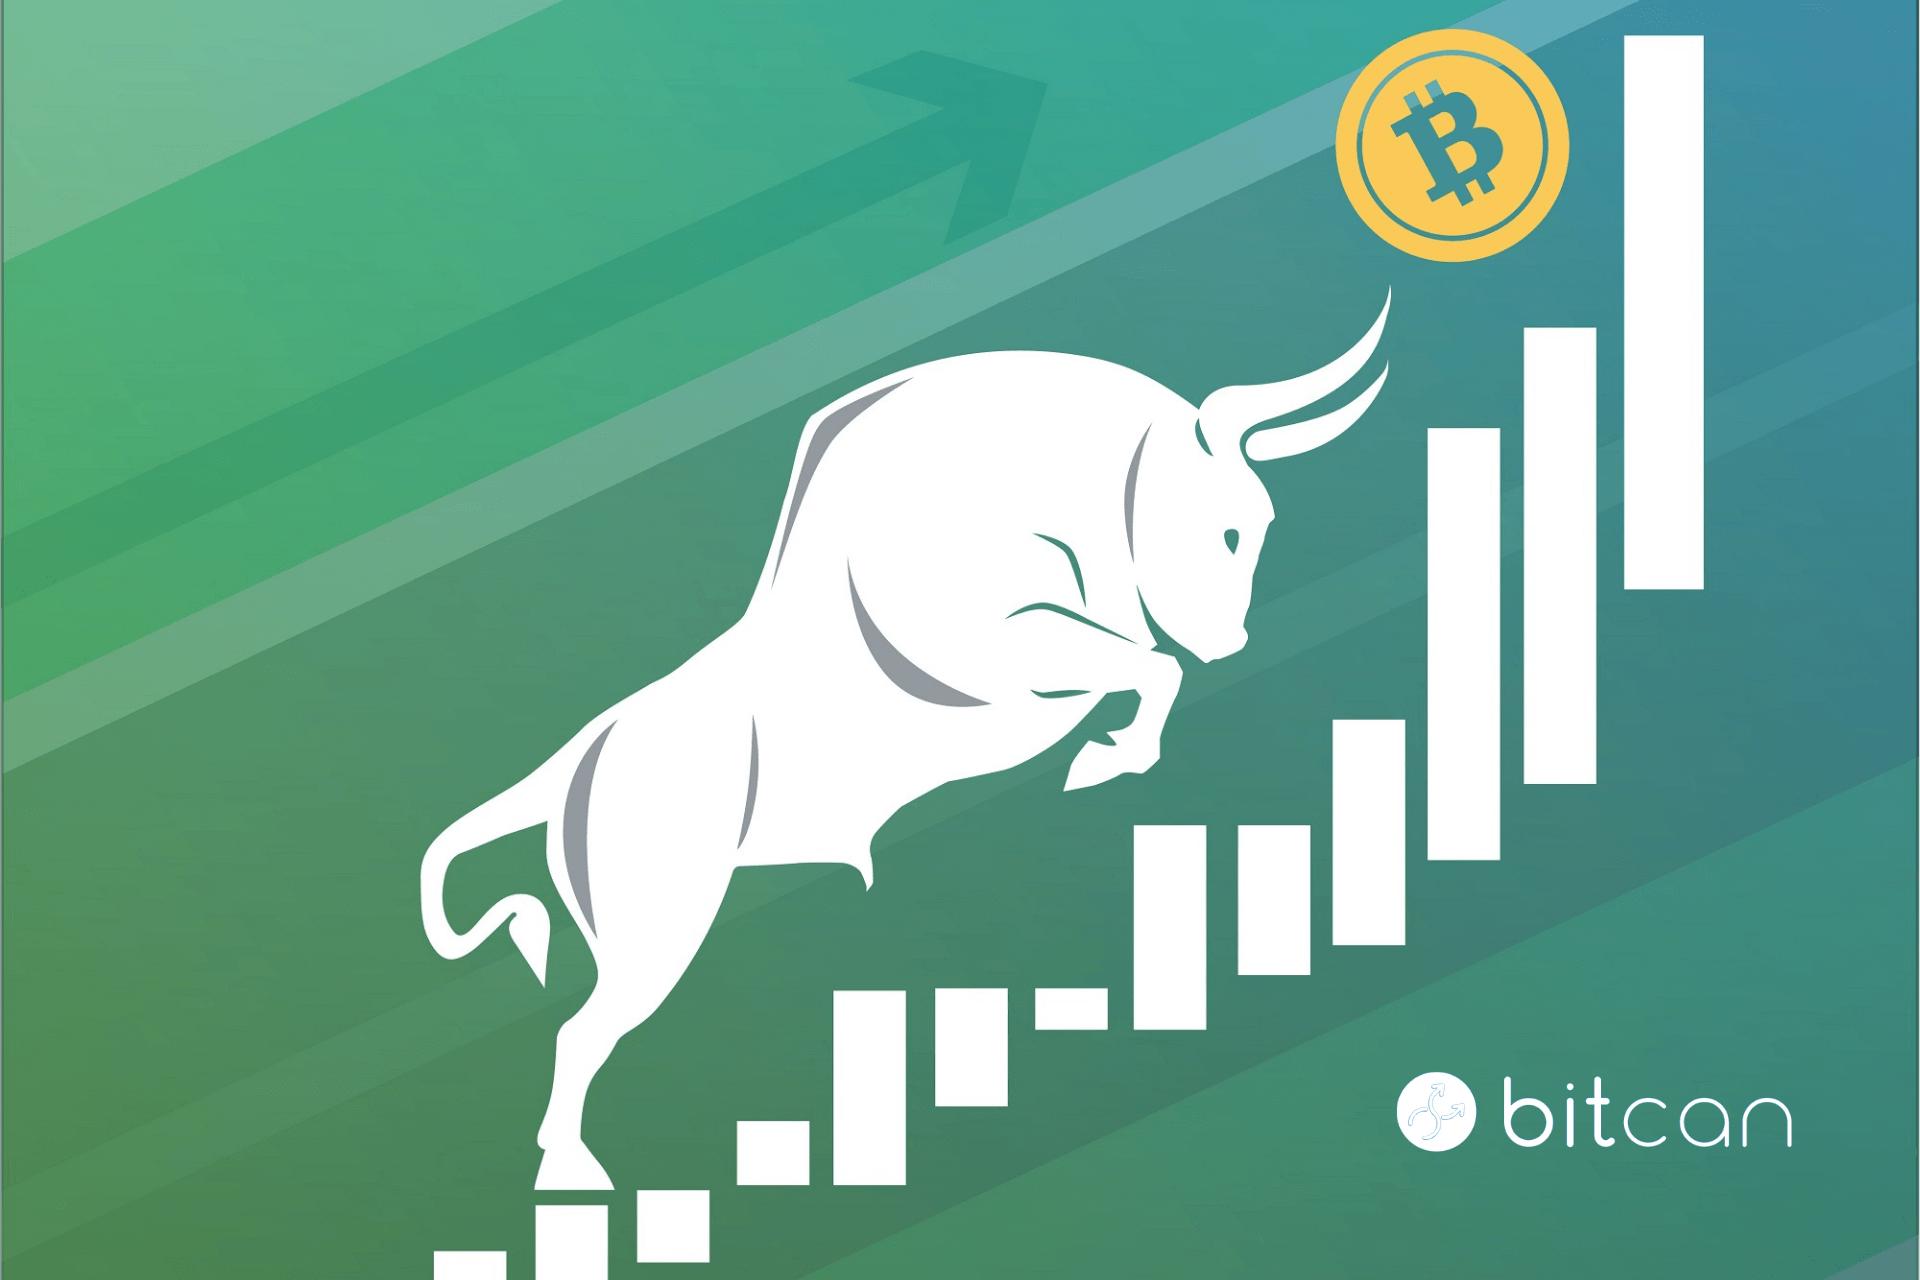 Bitcoin na nowych, historycznych szczytach: cena BTC 30.11.2020 r. osiągnęła ATH